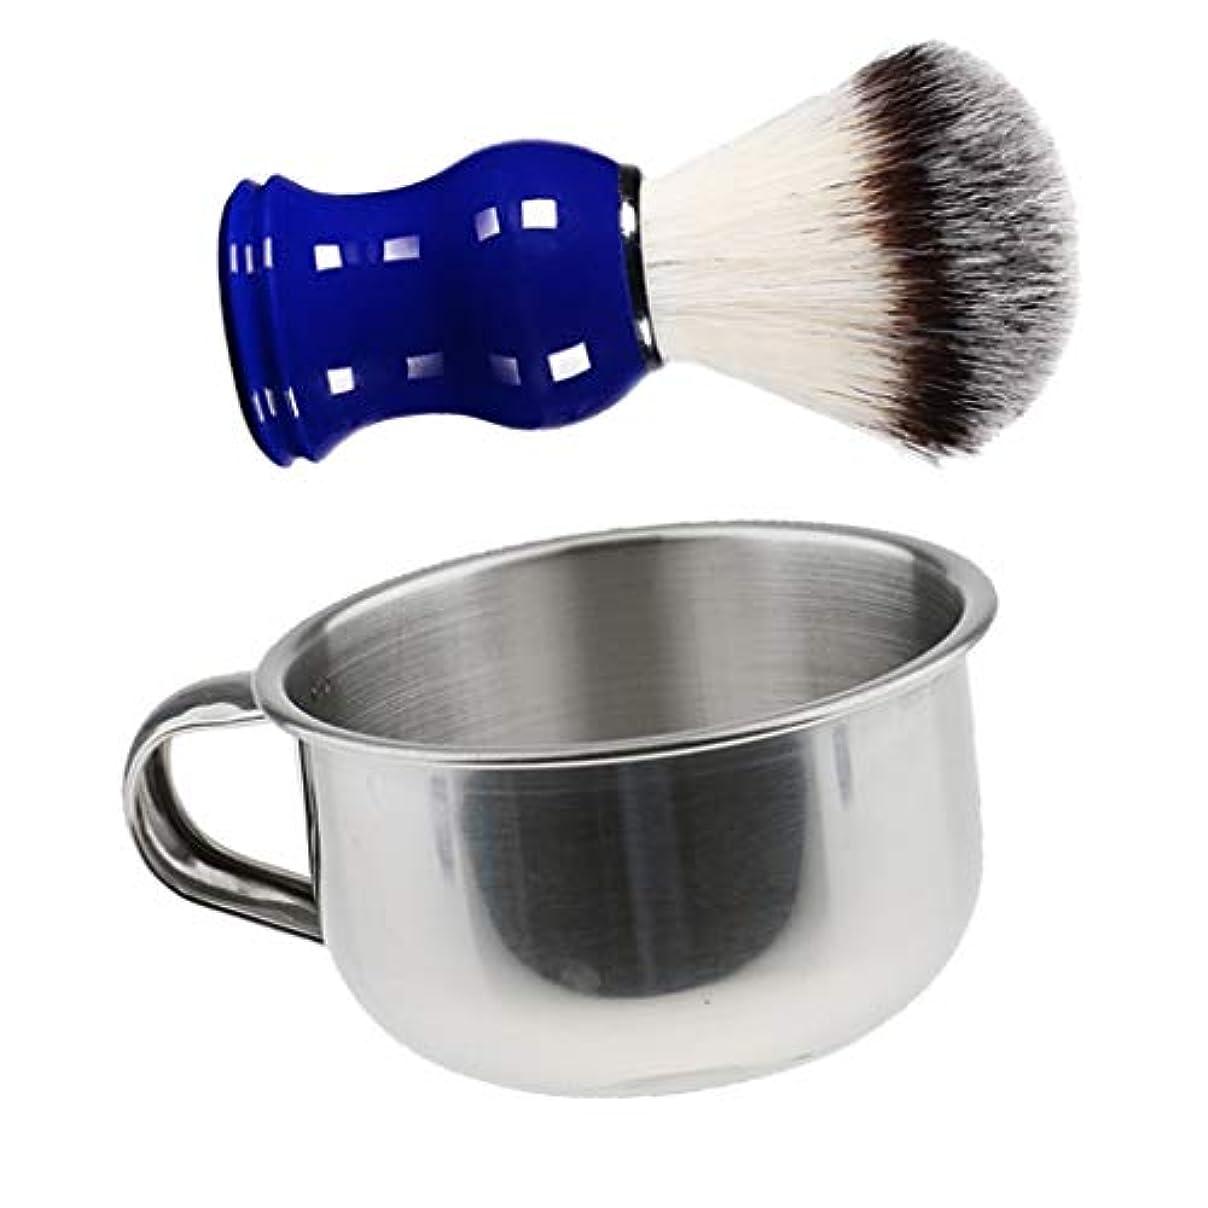 メディア男性ジャニスsharprepublic メンズ シェービング マグ ボウル ステンレス製 シェービング用ブラシ 理容 洗顔 髭剃り 贈り物